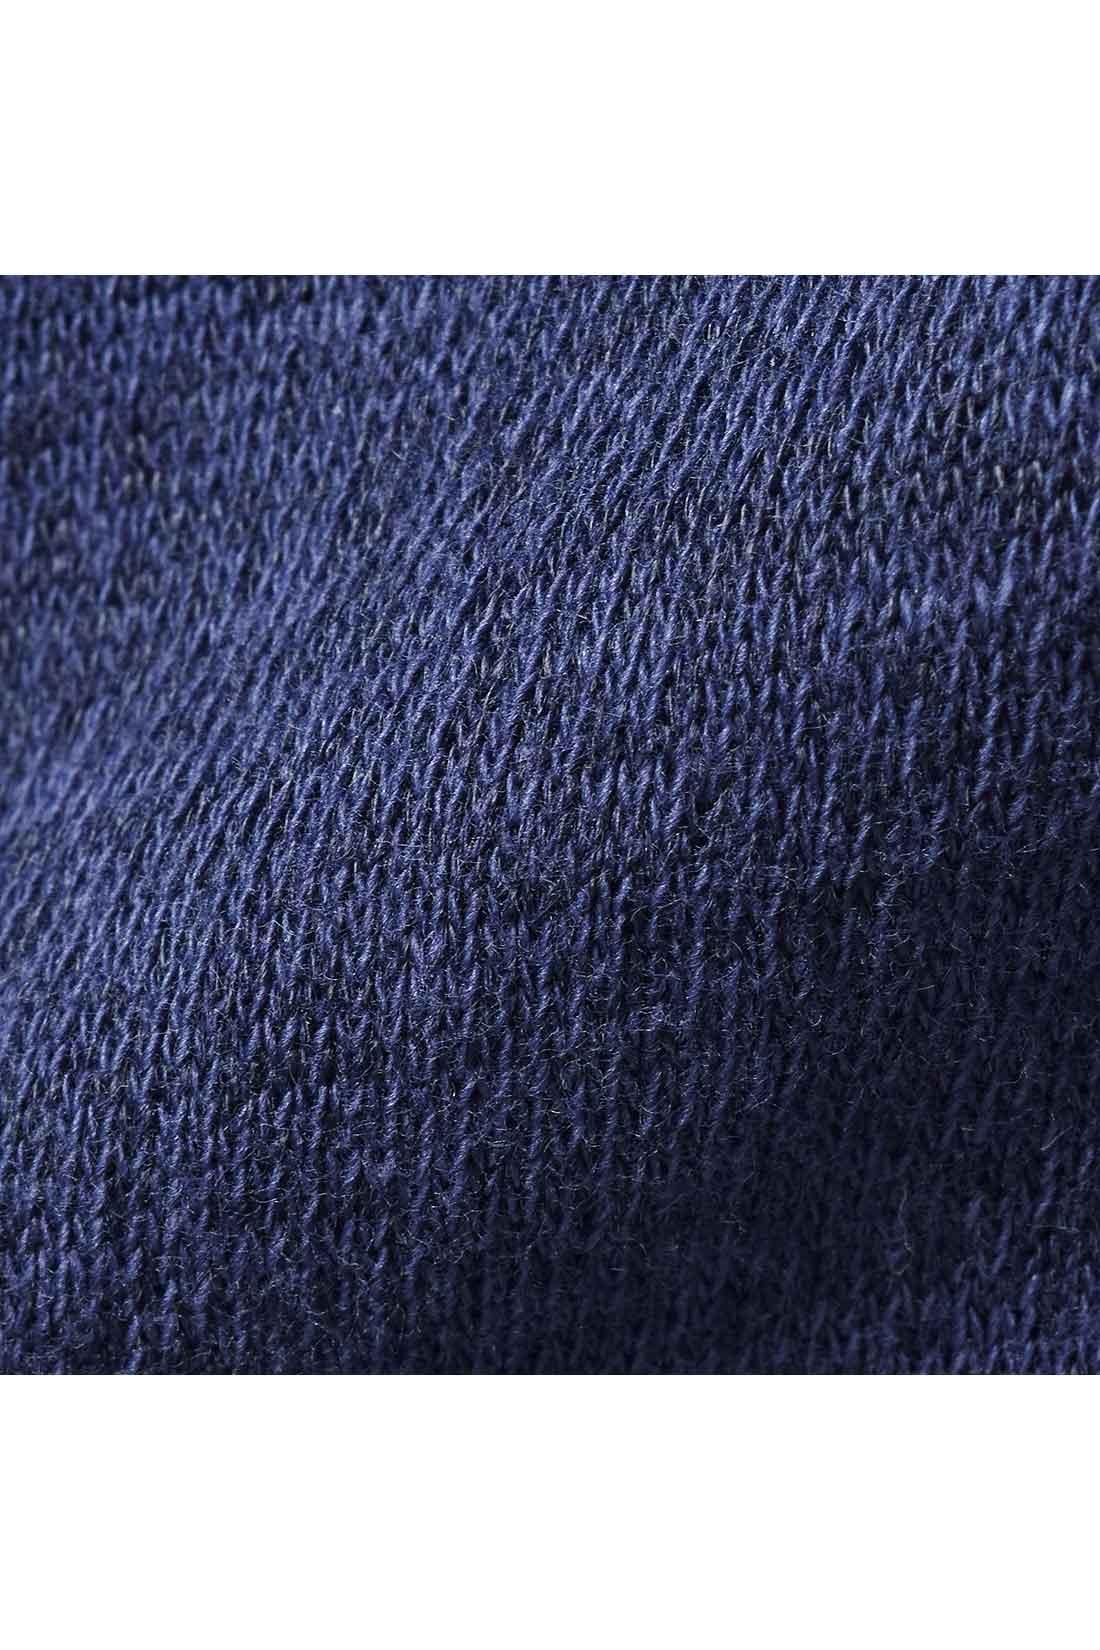 肌ざわりがよい綿混のカットソー素材。少し杢調の表情のある素材感がのっぺり見えを防ぎます。